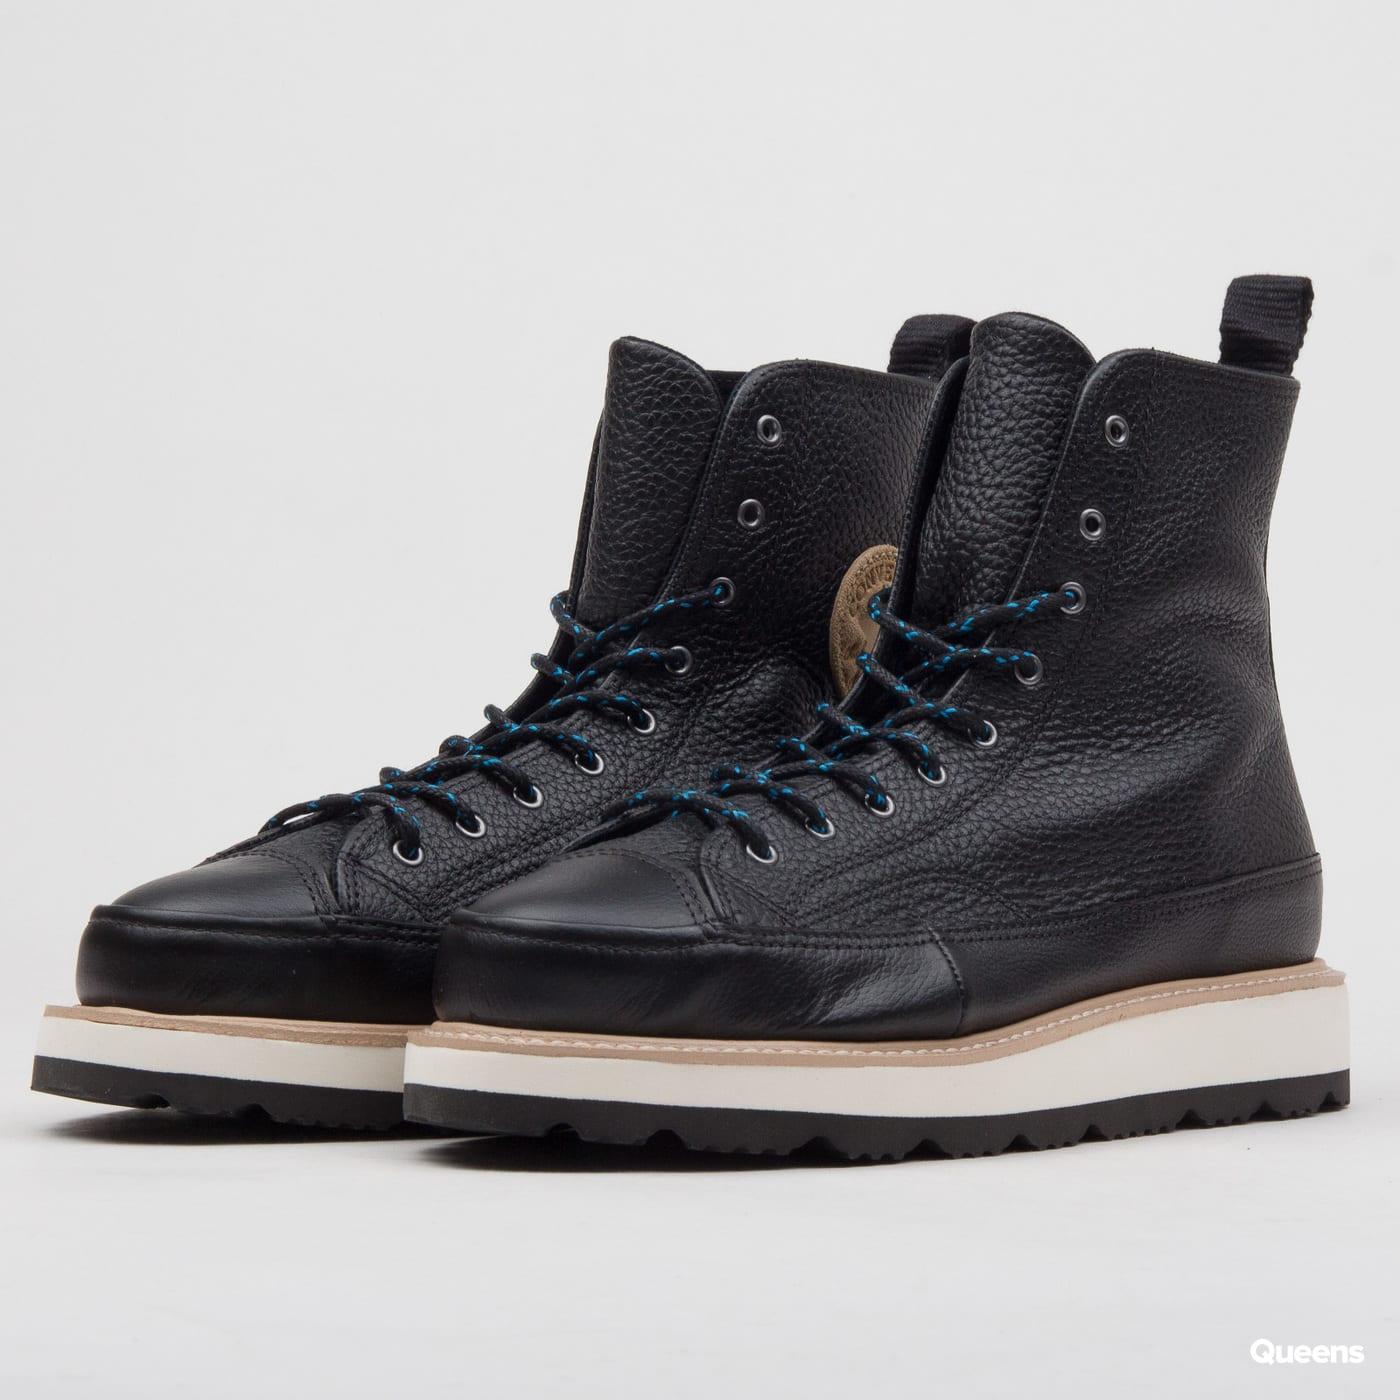 Obuv Converse Chuck Taylor Crafted Boot Hi (C162355)– Queens 💚 de78147bbb9